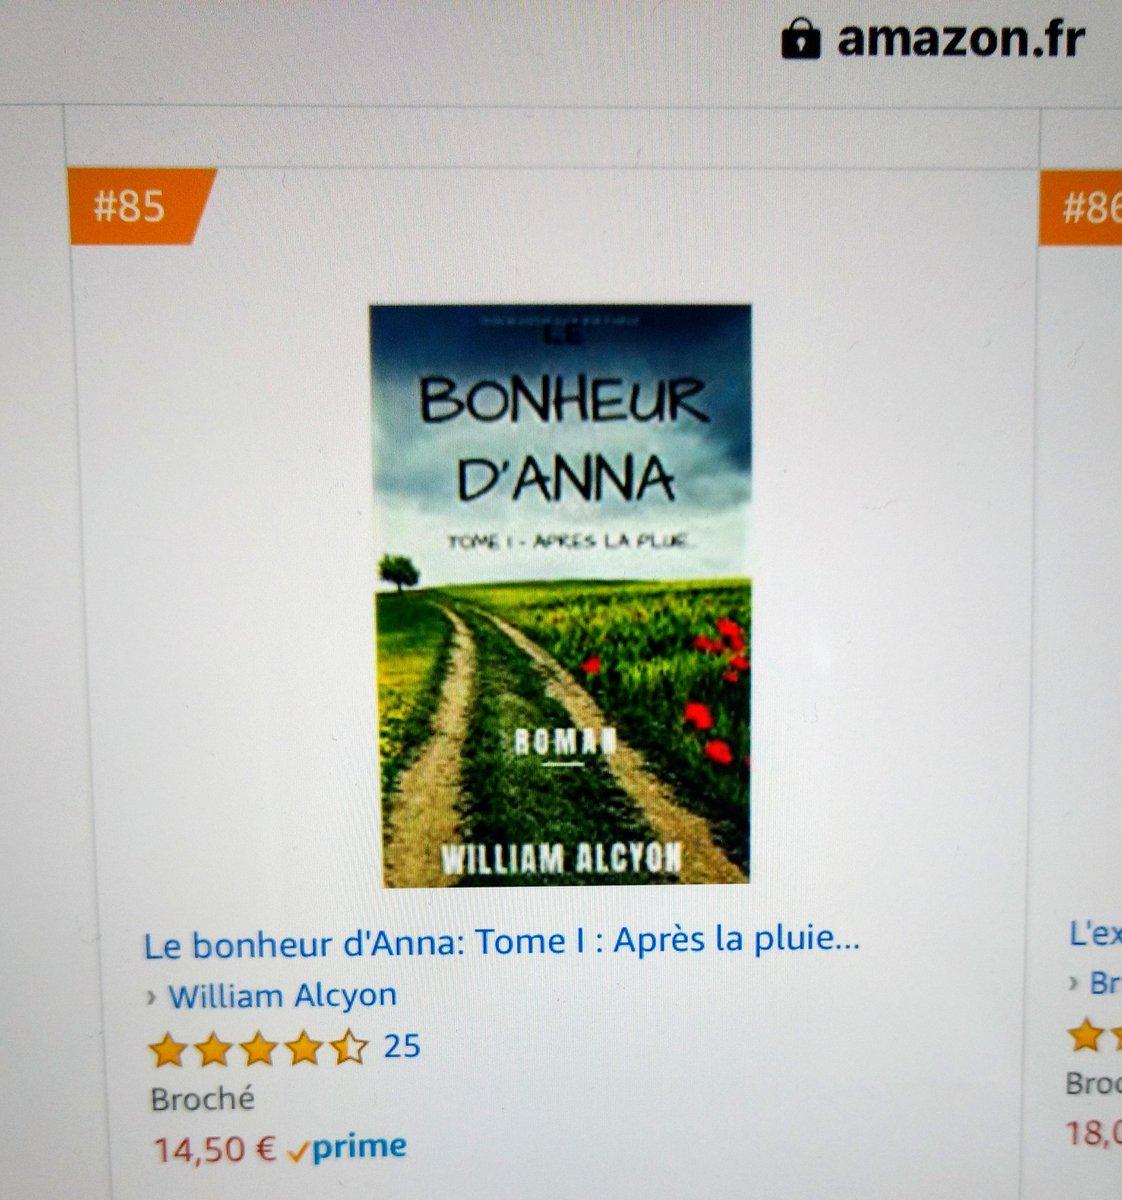 Entrée dans le top 💯 (livres brochés) ❤️👍🏻😉 #livre #lecture #Roman #auteur #Roman #Romans #FeelGood #developpementpersonnel #amazonkindle #amazon #ebook @william_alcyon  https://www.amazon.fr/bonheur-dAnna-Apr%C3%A8s-pluie-ebook/dp/B07KXY4R6H/ref=mp_s_a_1_1?__mk_fr_FR=%C3%85M%C3%85Z%C3%95%C3%91&qid=1544769649&sr=8-1&pi=AC_SX236_SY340_FMwebp_QL65&keywords=le+bonheur+d%27Anna…